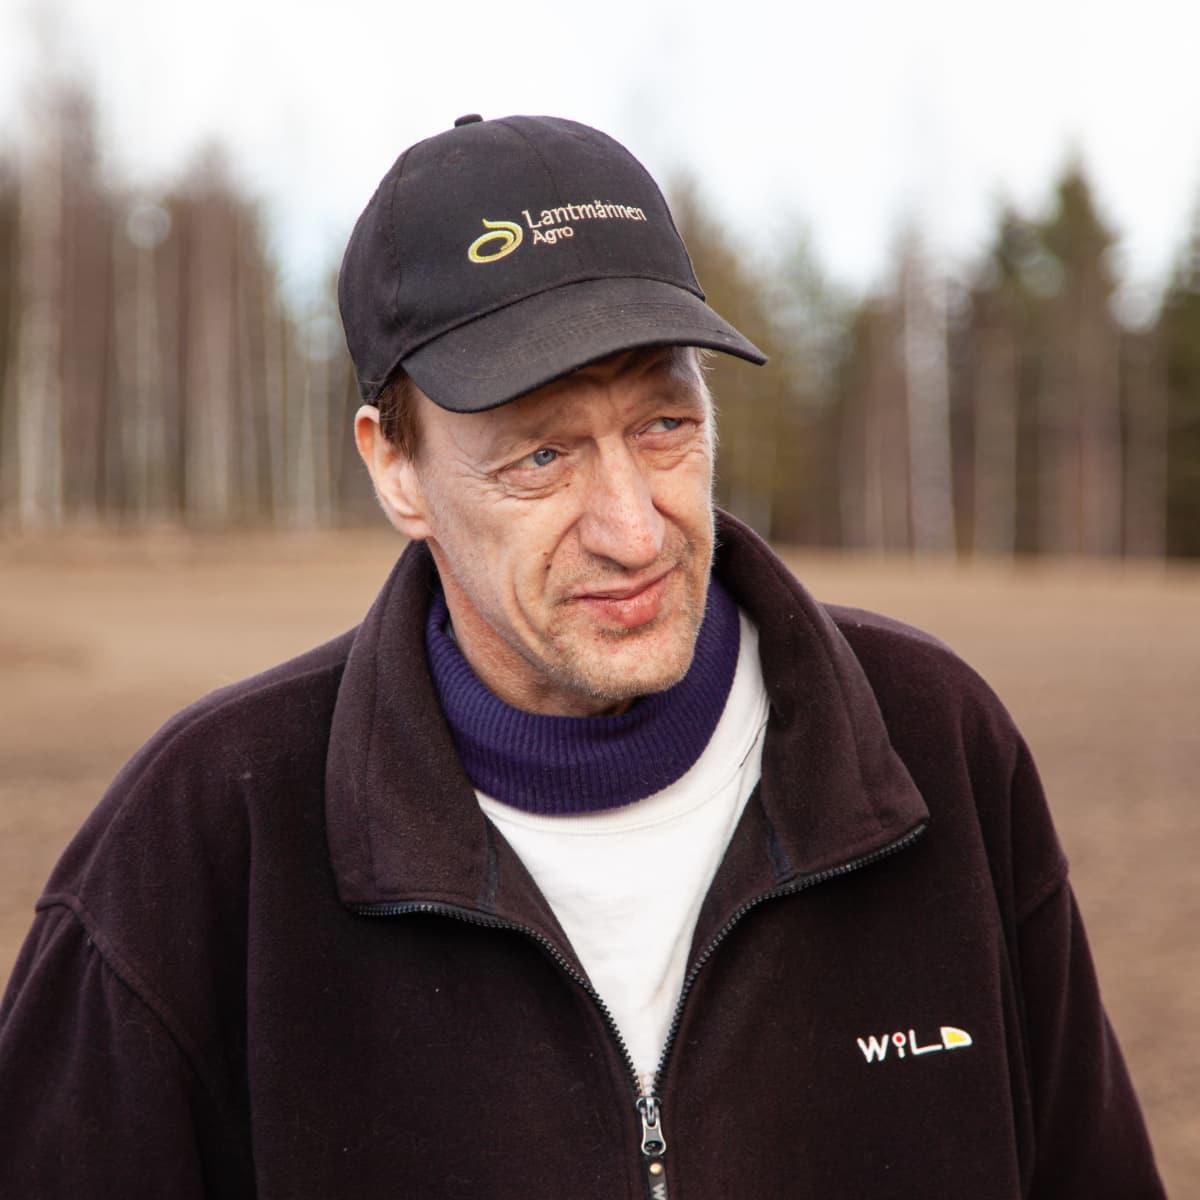 Lemiläinen perunanviljelijä Ahti Junnonen.